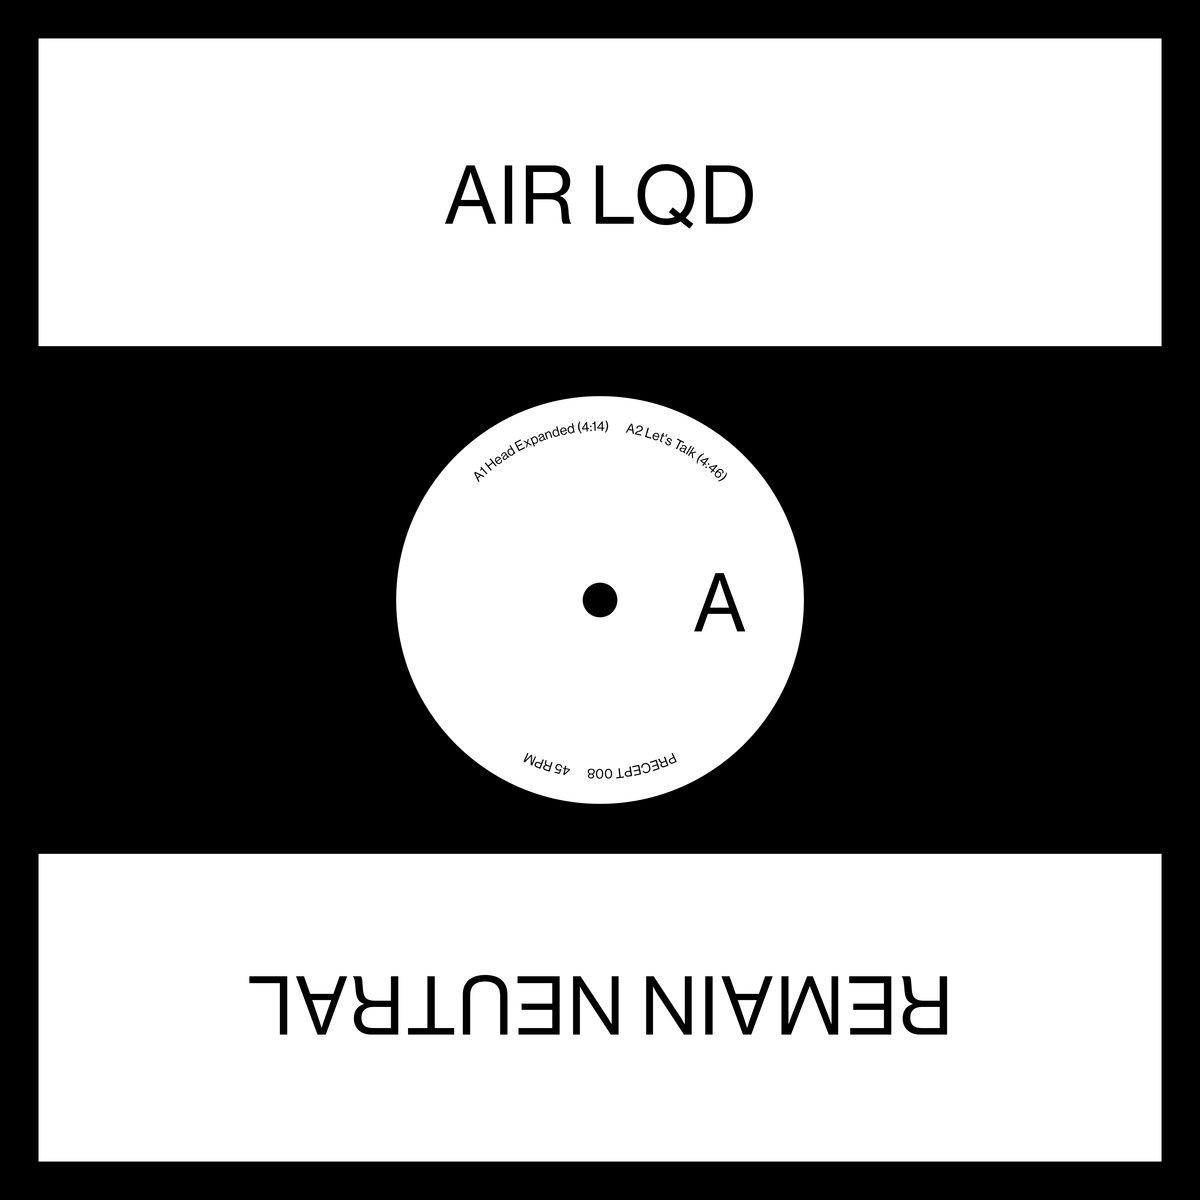 AIR LQD - Remain Neutral EP (Unknown Precept)